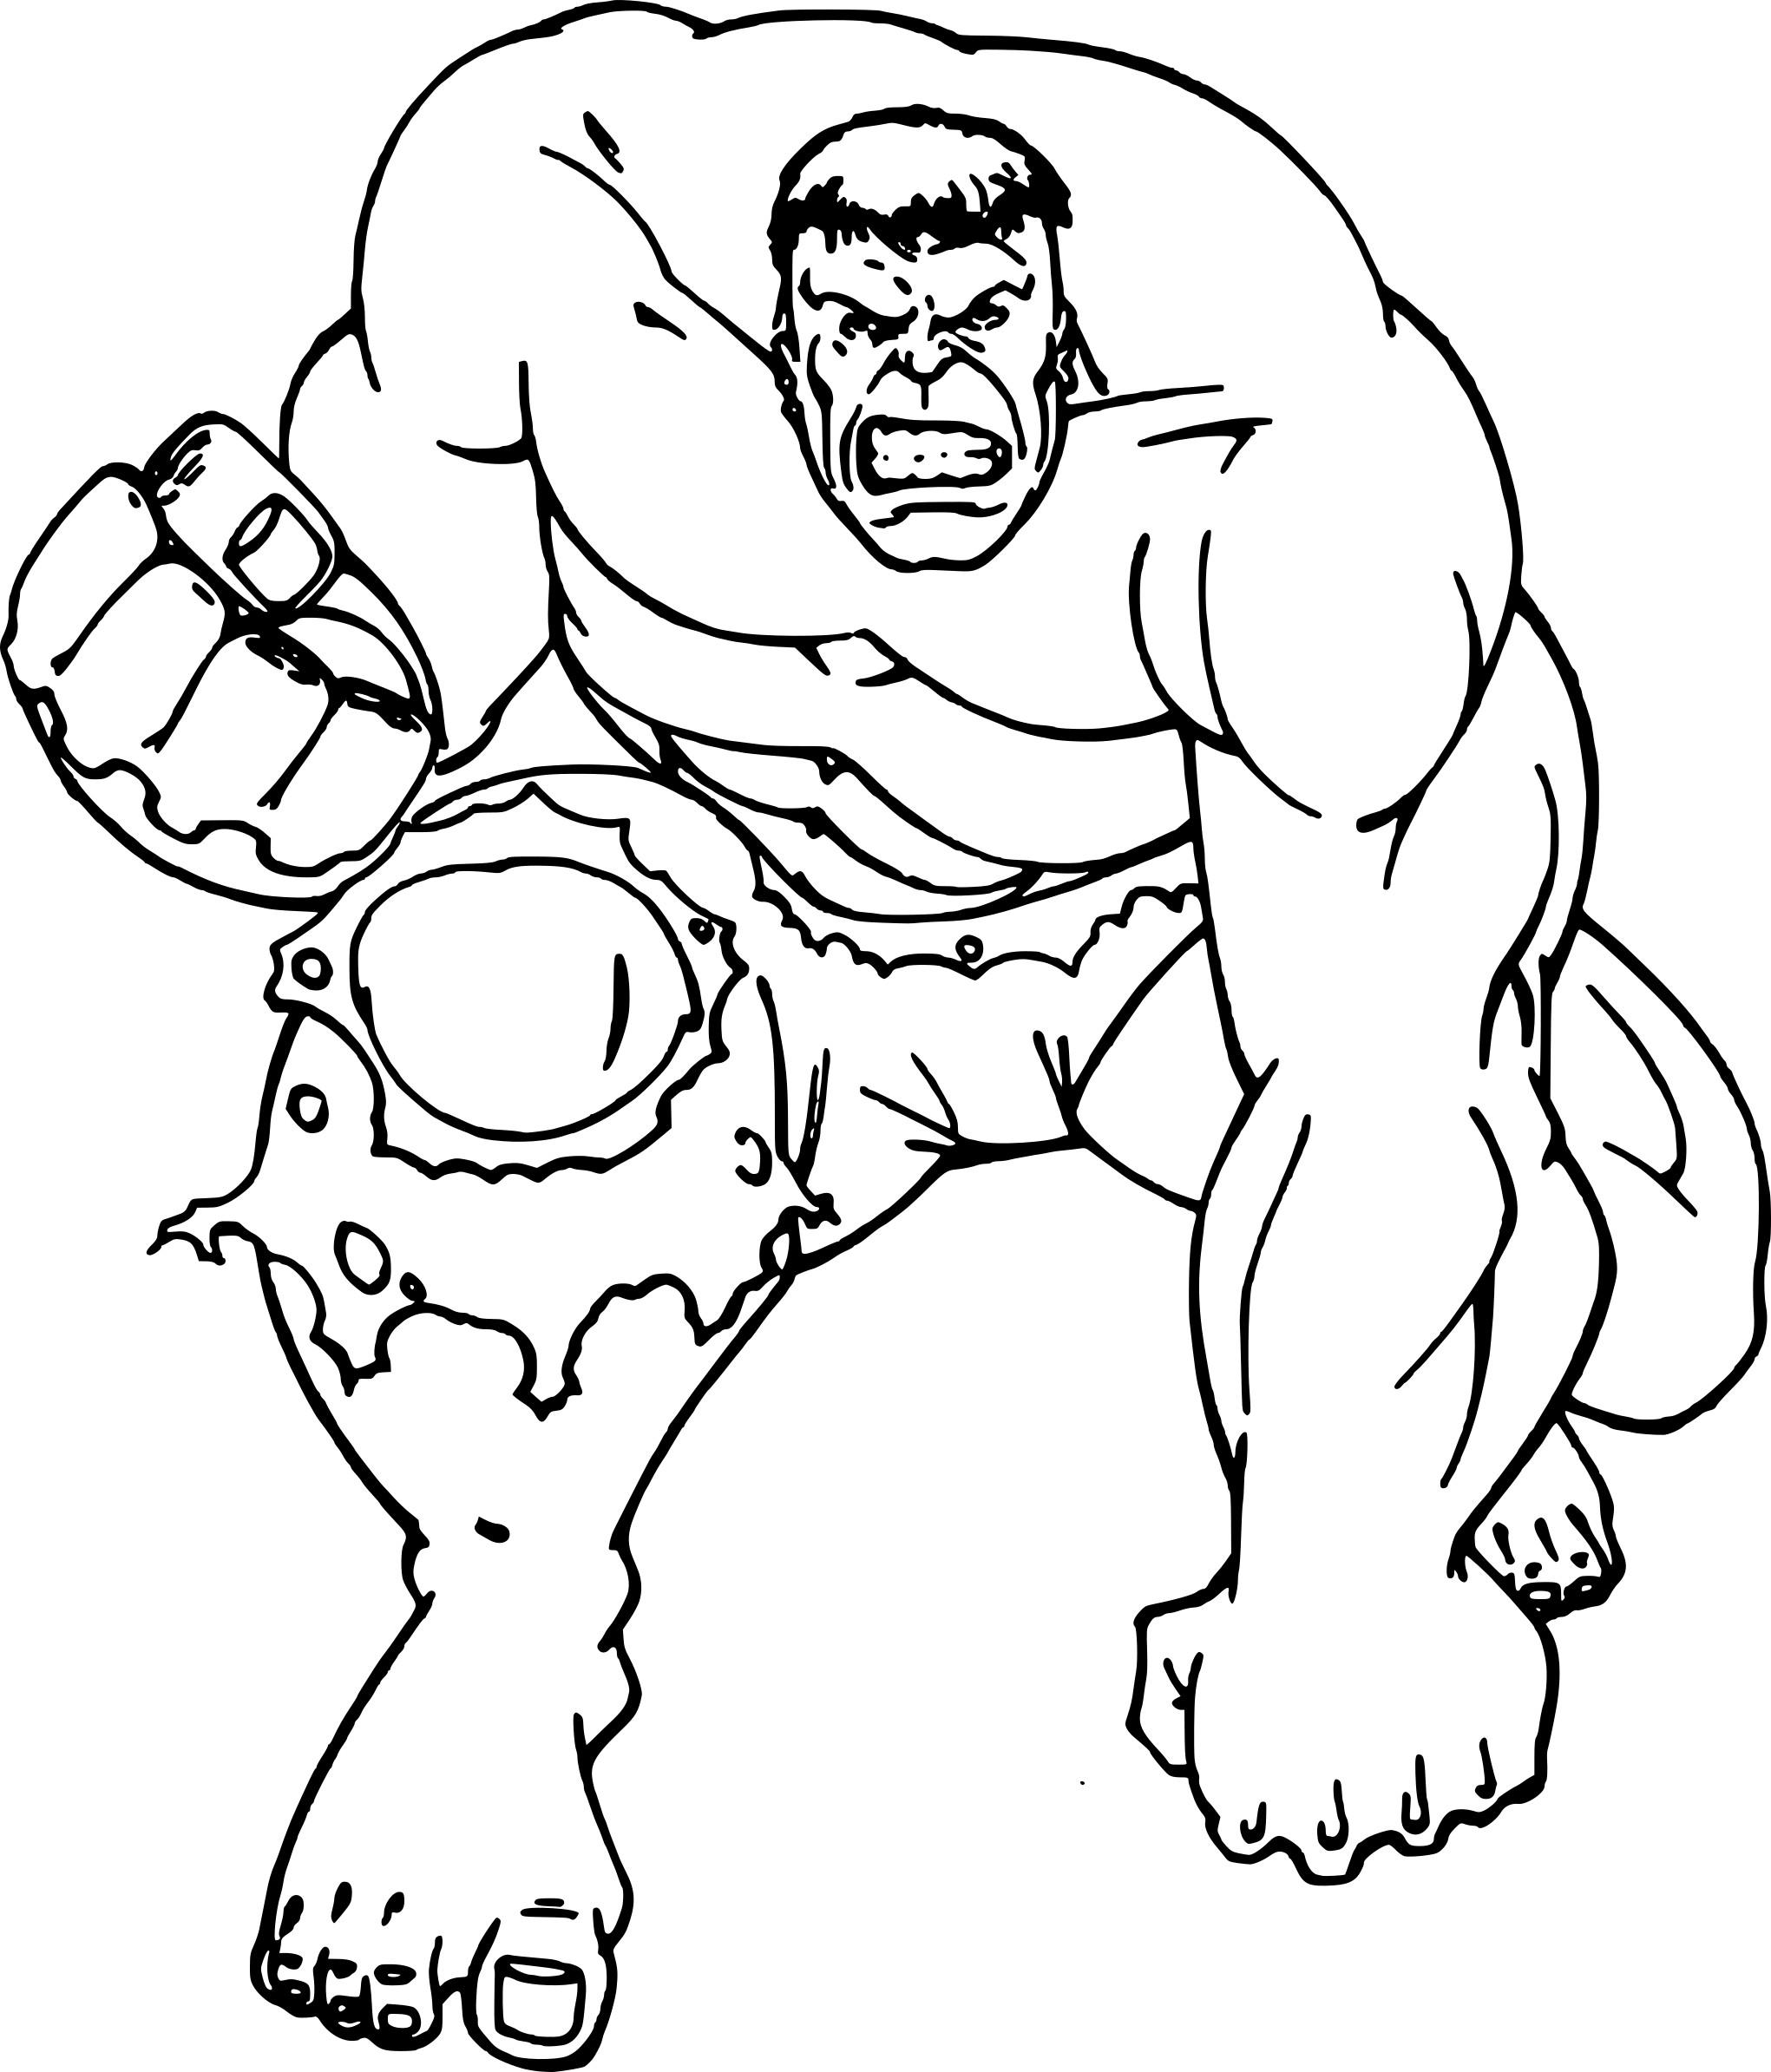 Coloriage Hulk Le Super Héros à Imprimer Et Colorier